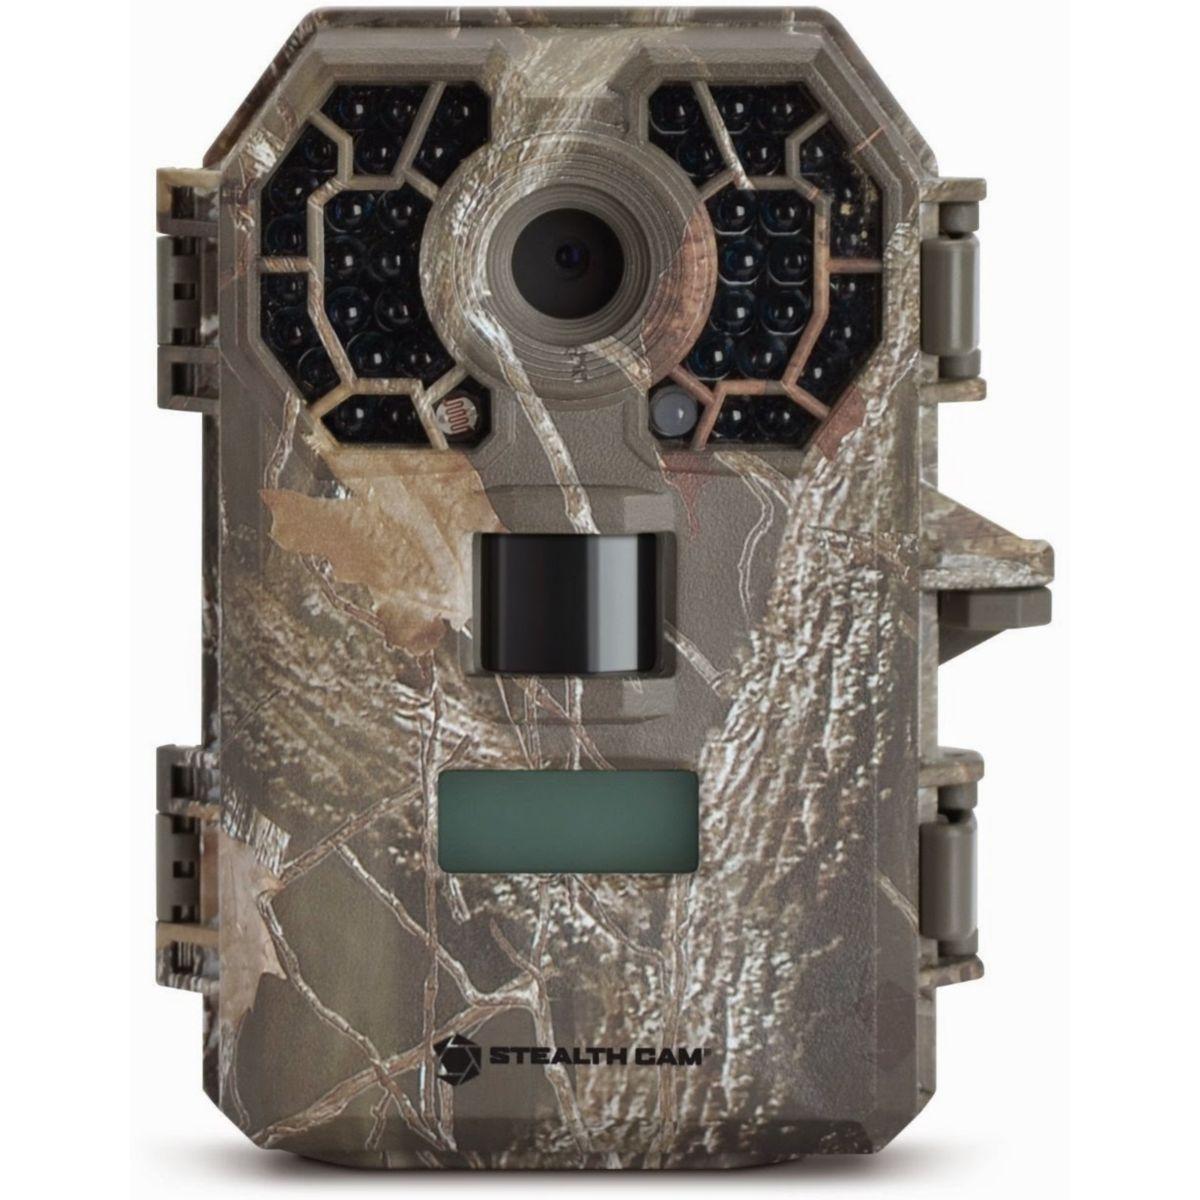 Appareil photo compact gsm outdoors automatique d'observation g42ng - 7% de remise imm�diate avec le code : school7 (photo)